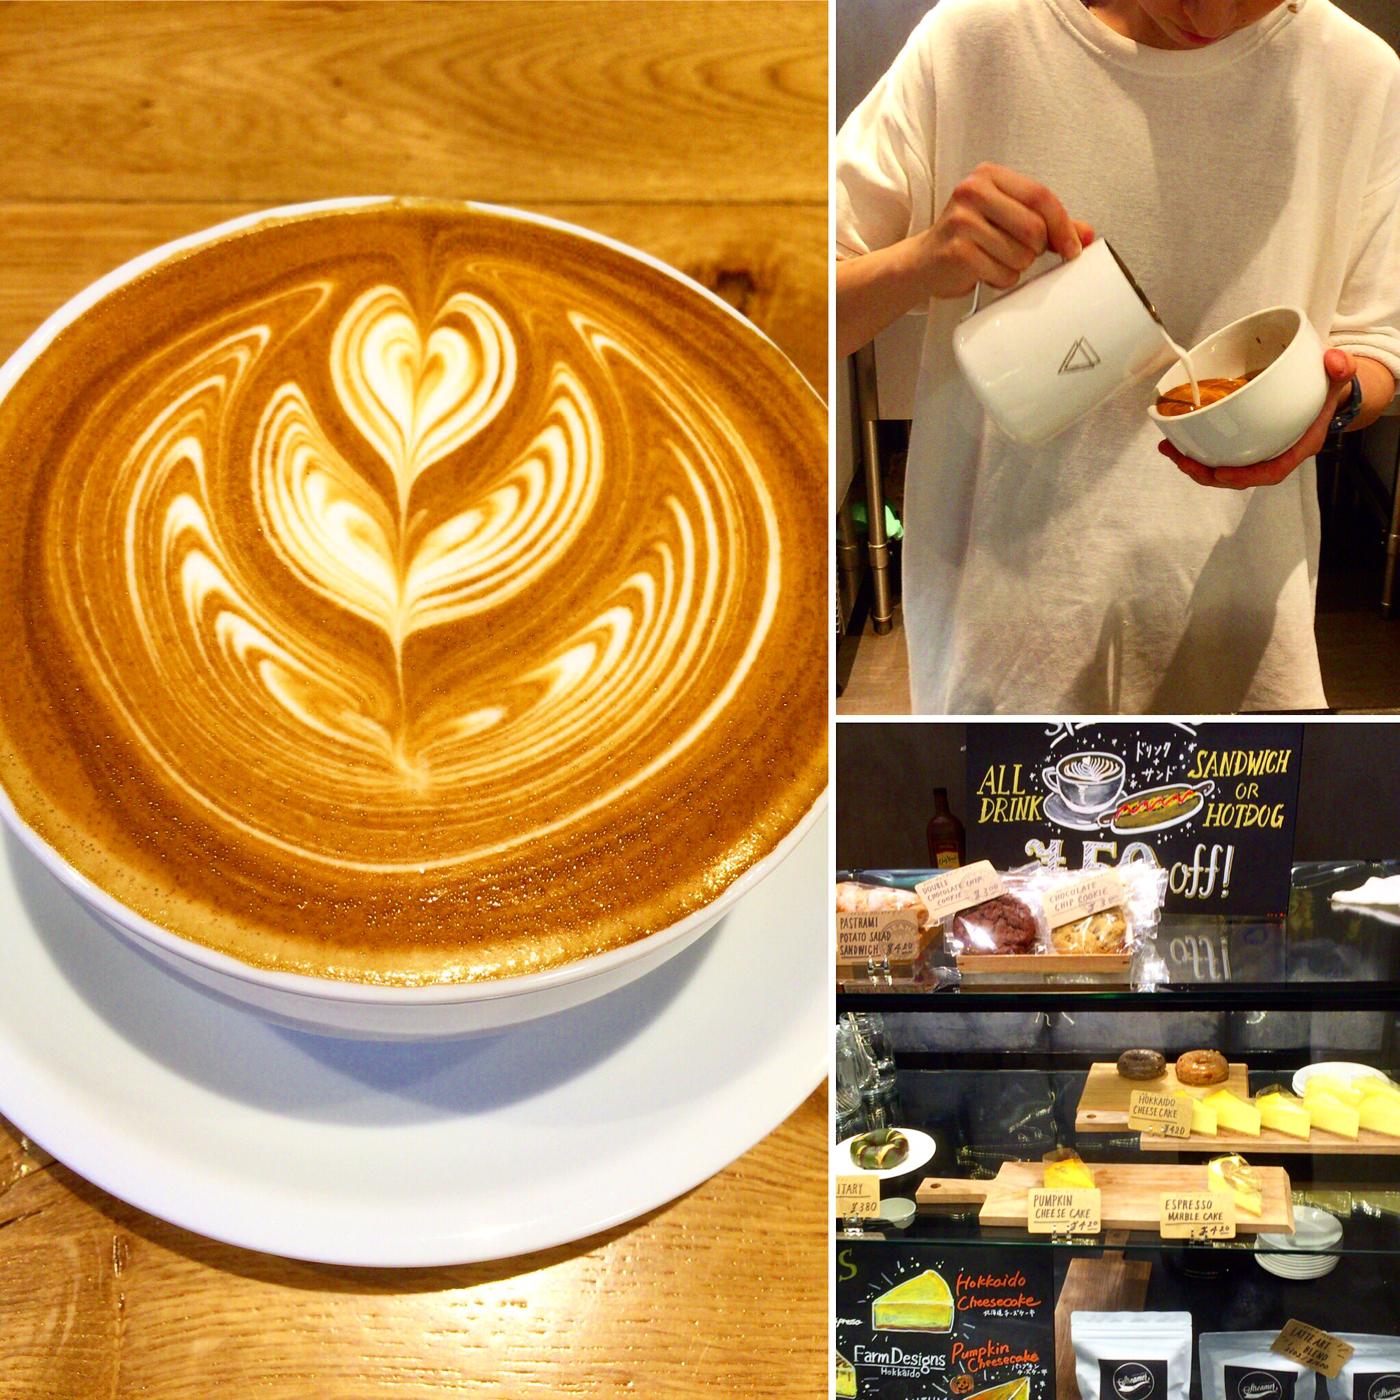 『ストリーマーコーヒーカンパニー』 買い物に疲れた私が癒やされたストリーマーラテ。本場イタリアにも負けない味。【札幌駅 カフェ】